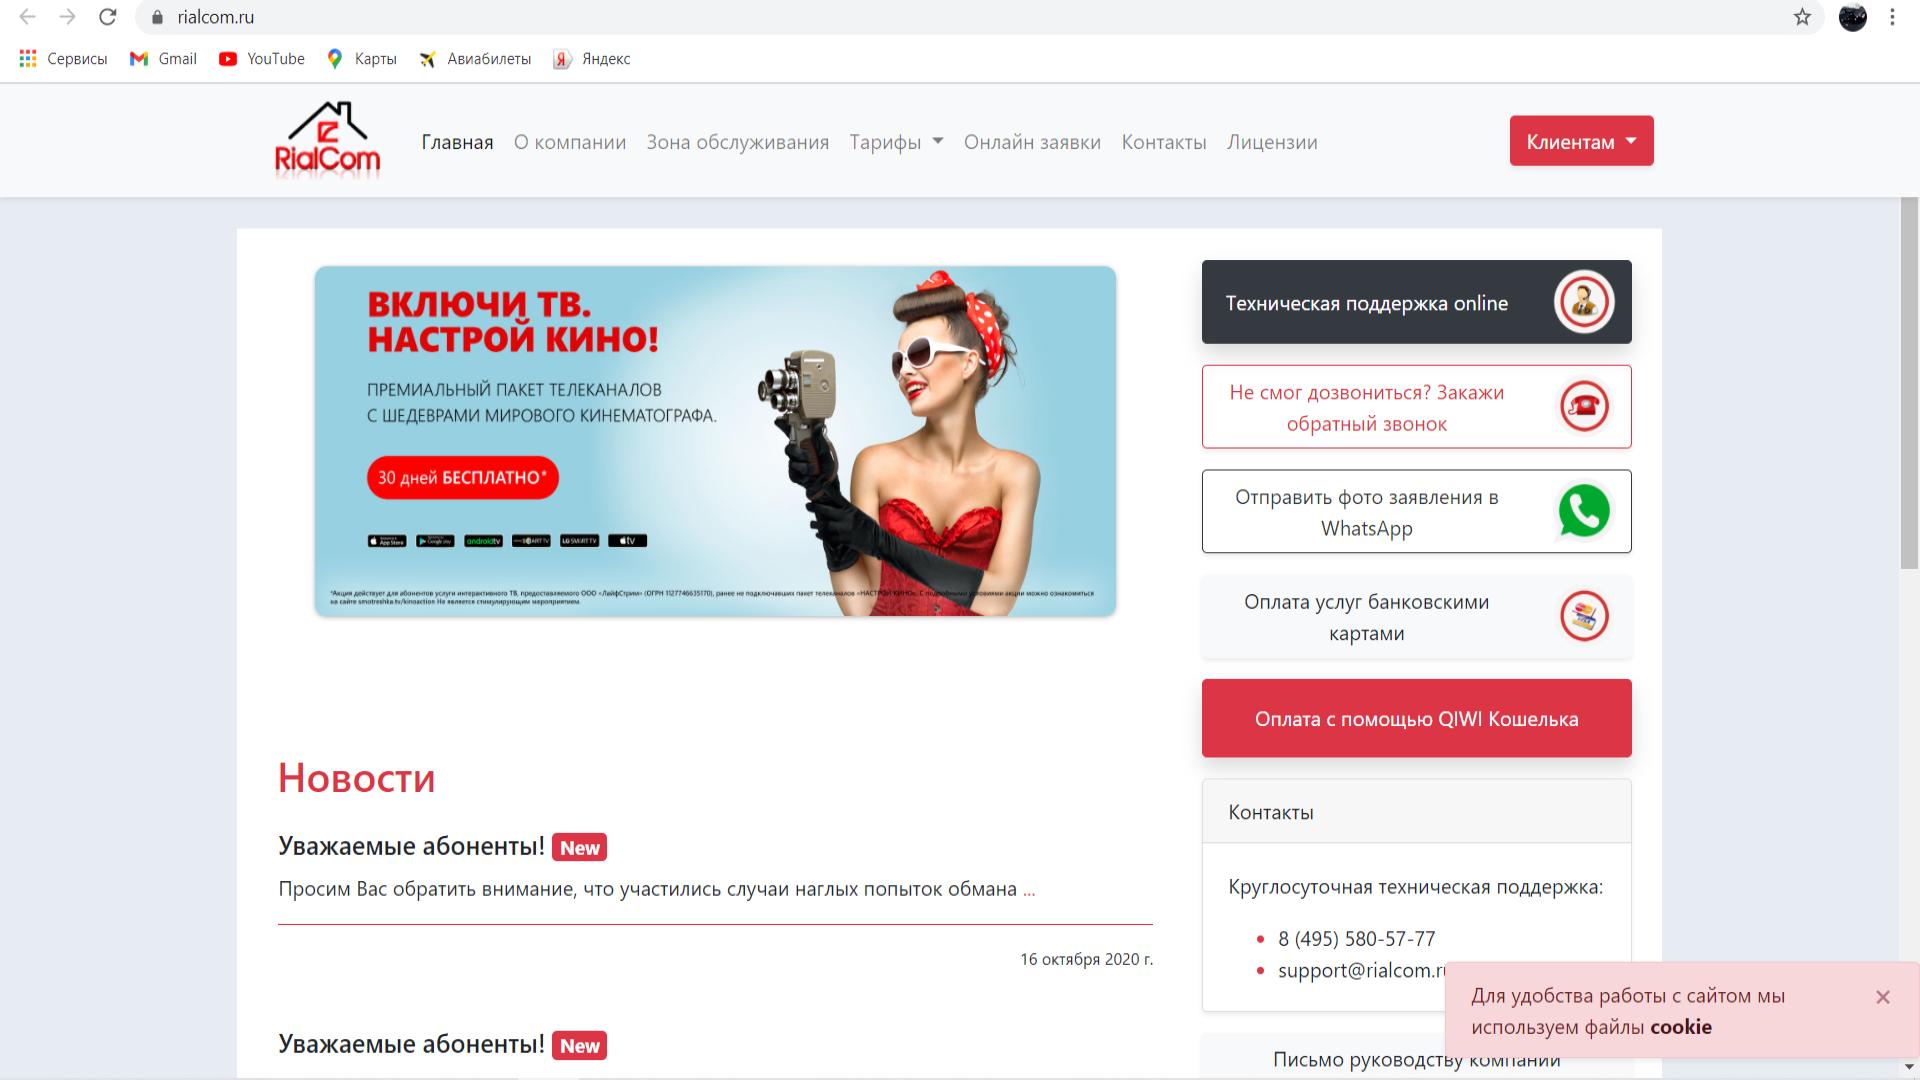 официальный сайт риалком